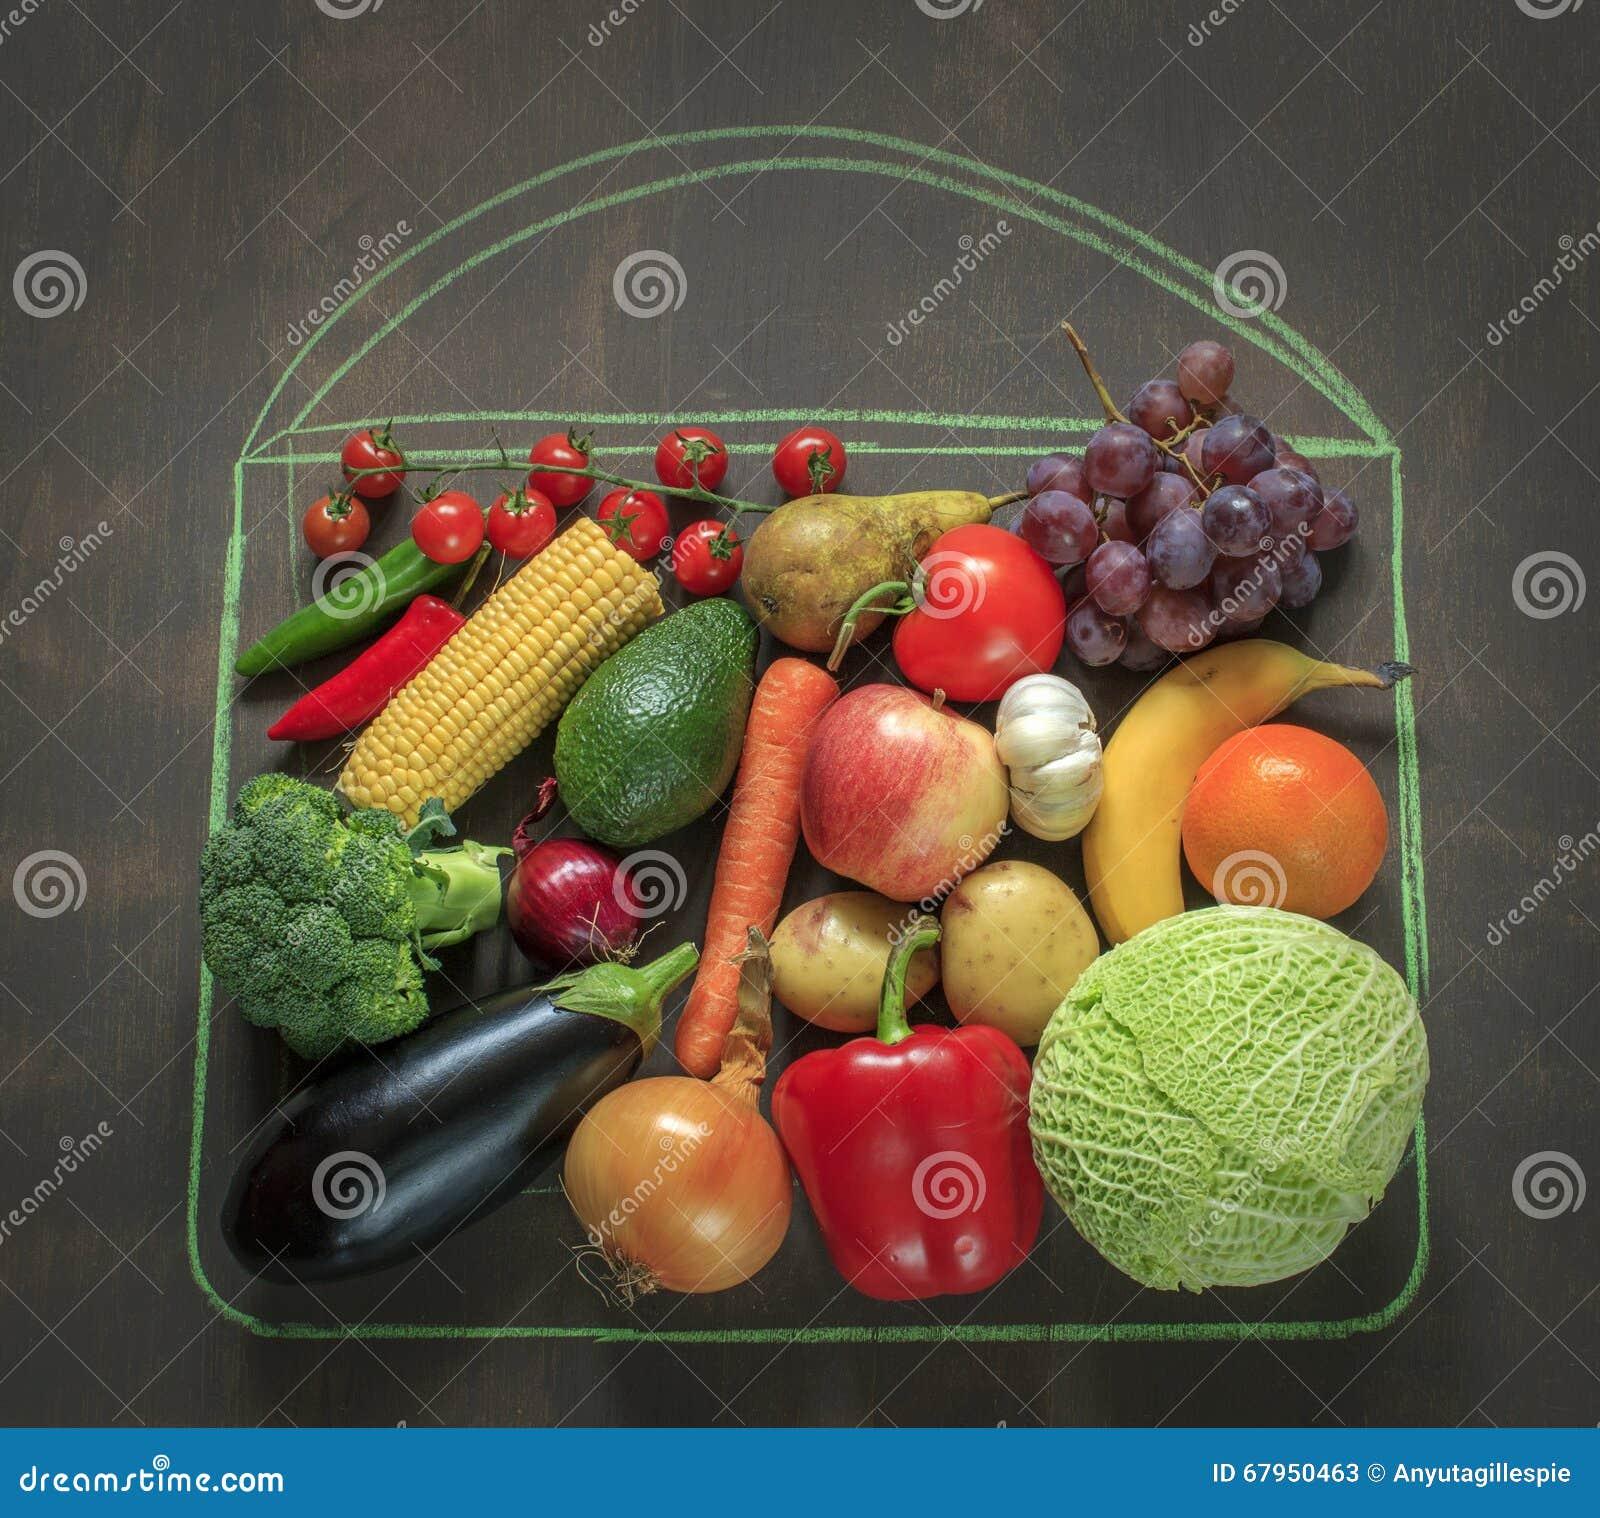 Matfotogrönsaker och frukter